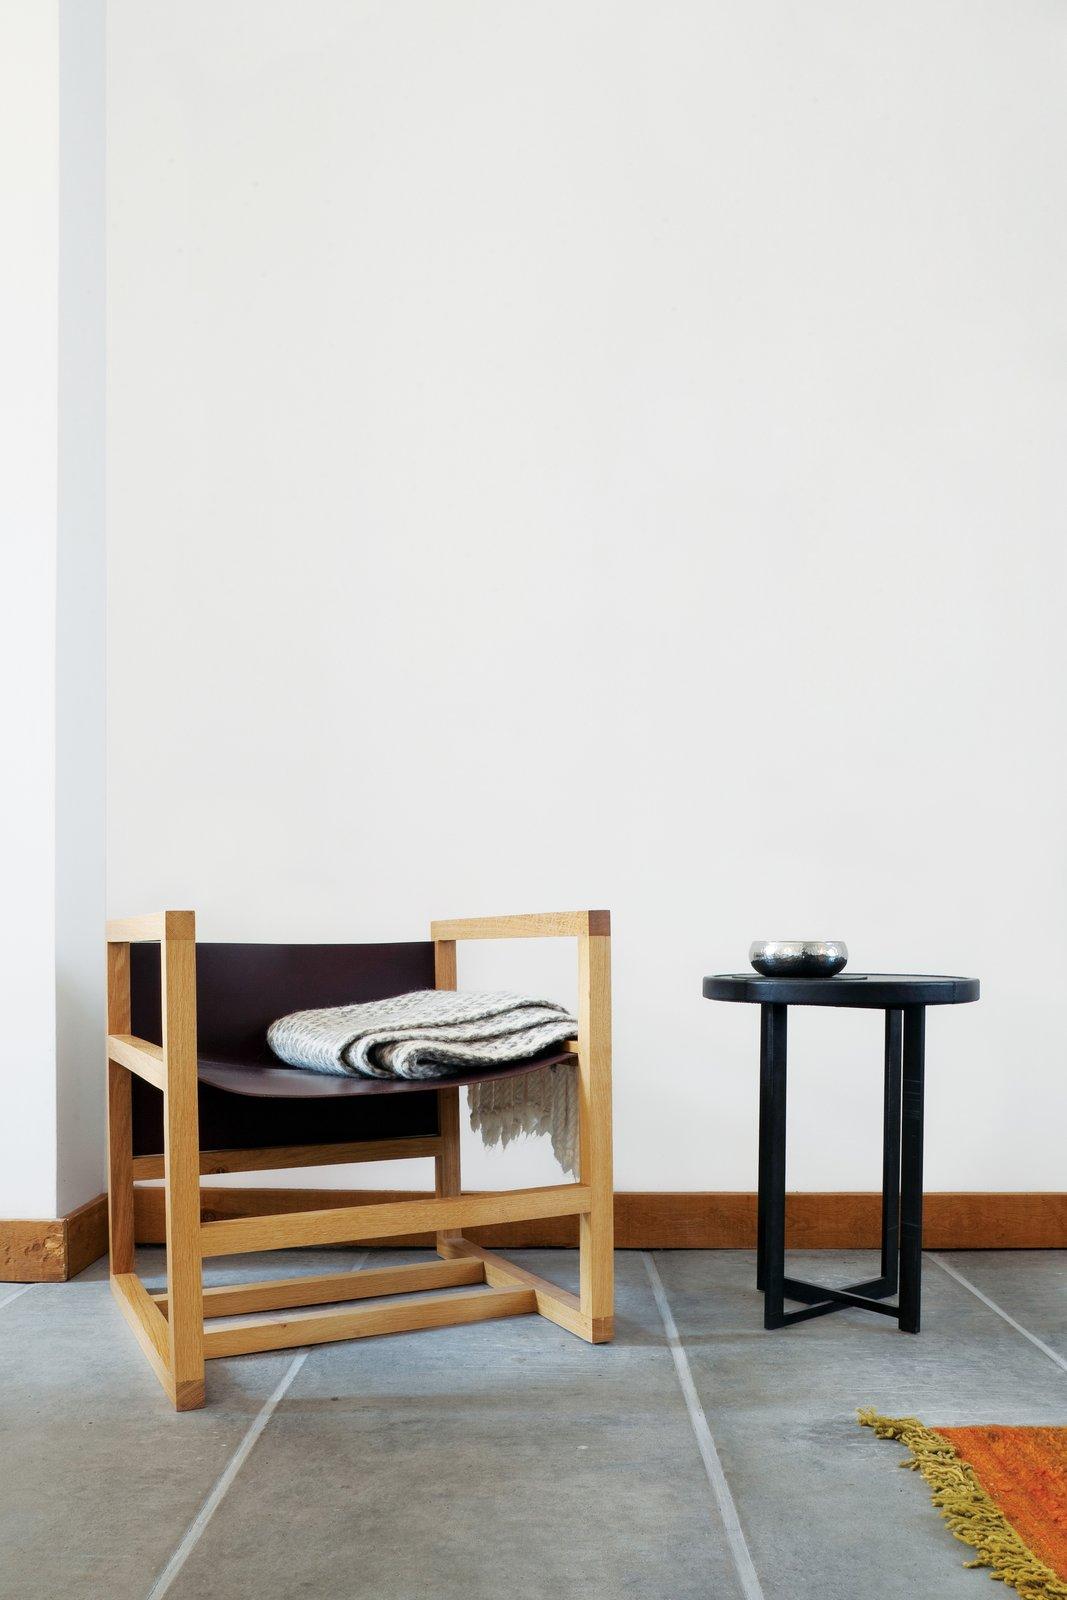 #seatingdesign #seating #modern #Belgium #chair #table #Verheyden #livingroom #interior #indoor #inside #rug #minimalist   Photo by Tim Van de Velde  100+ Best Modern Seating Designs by Dwell